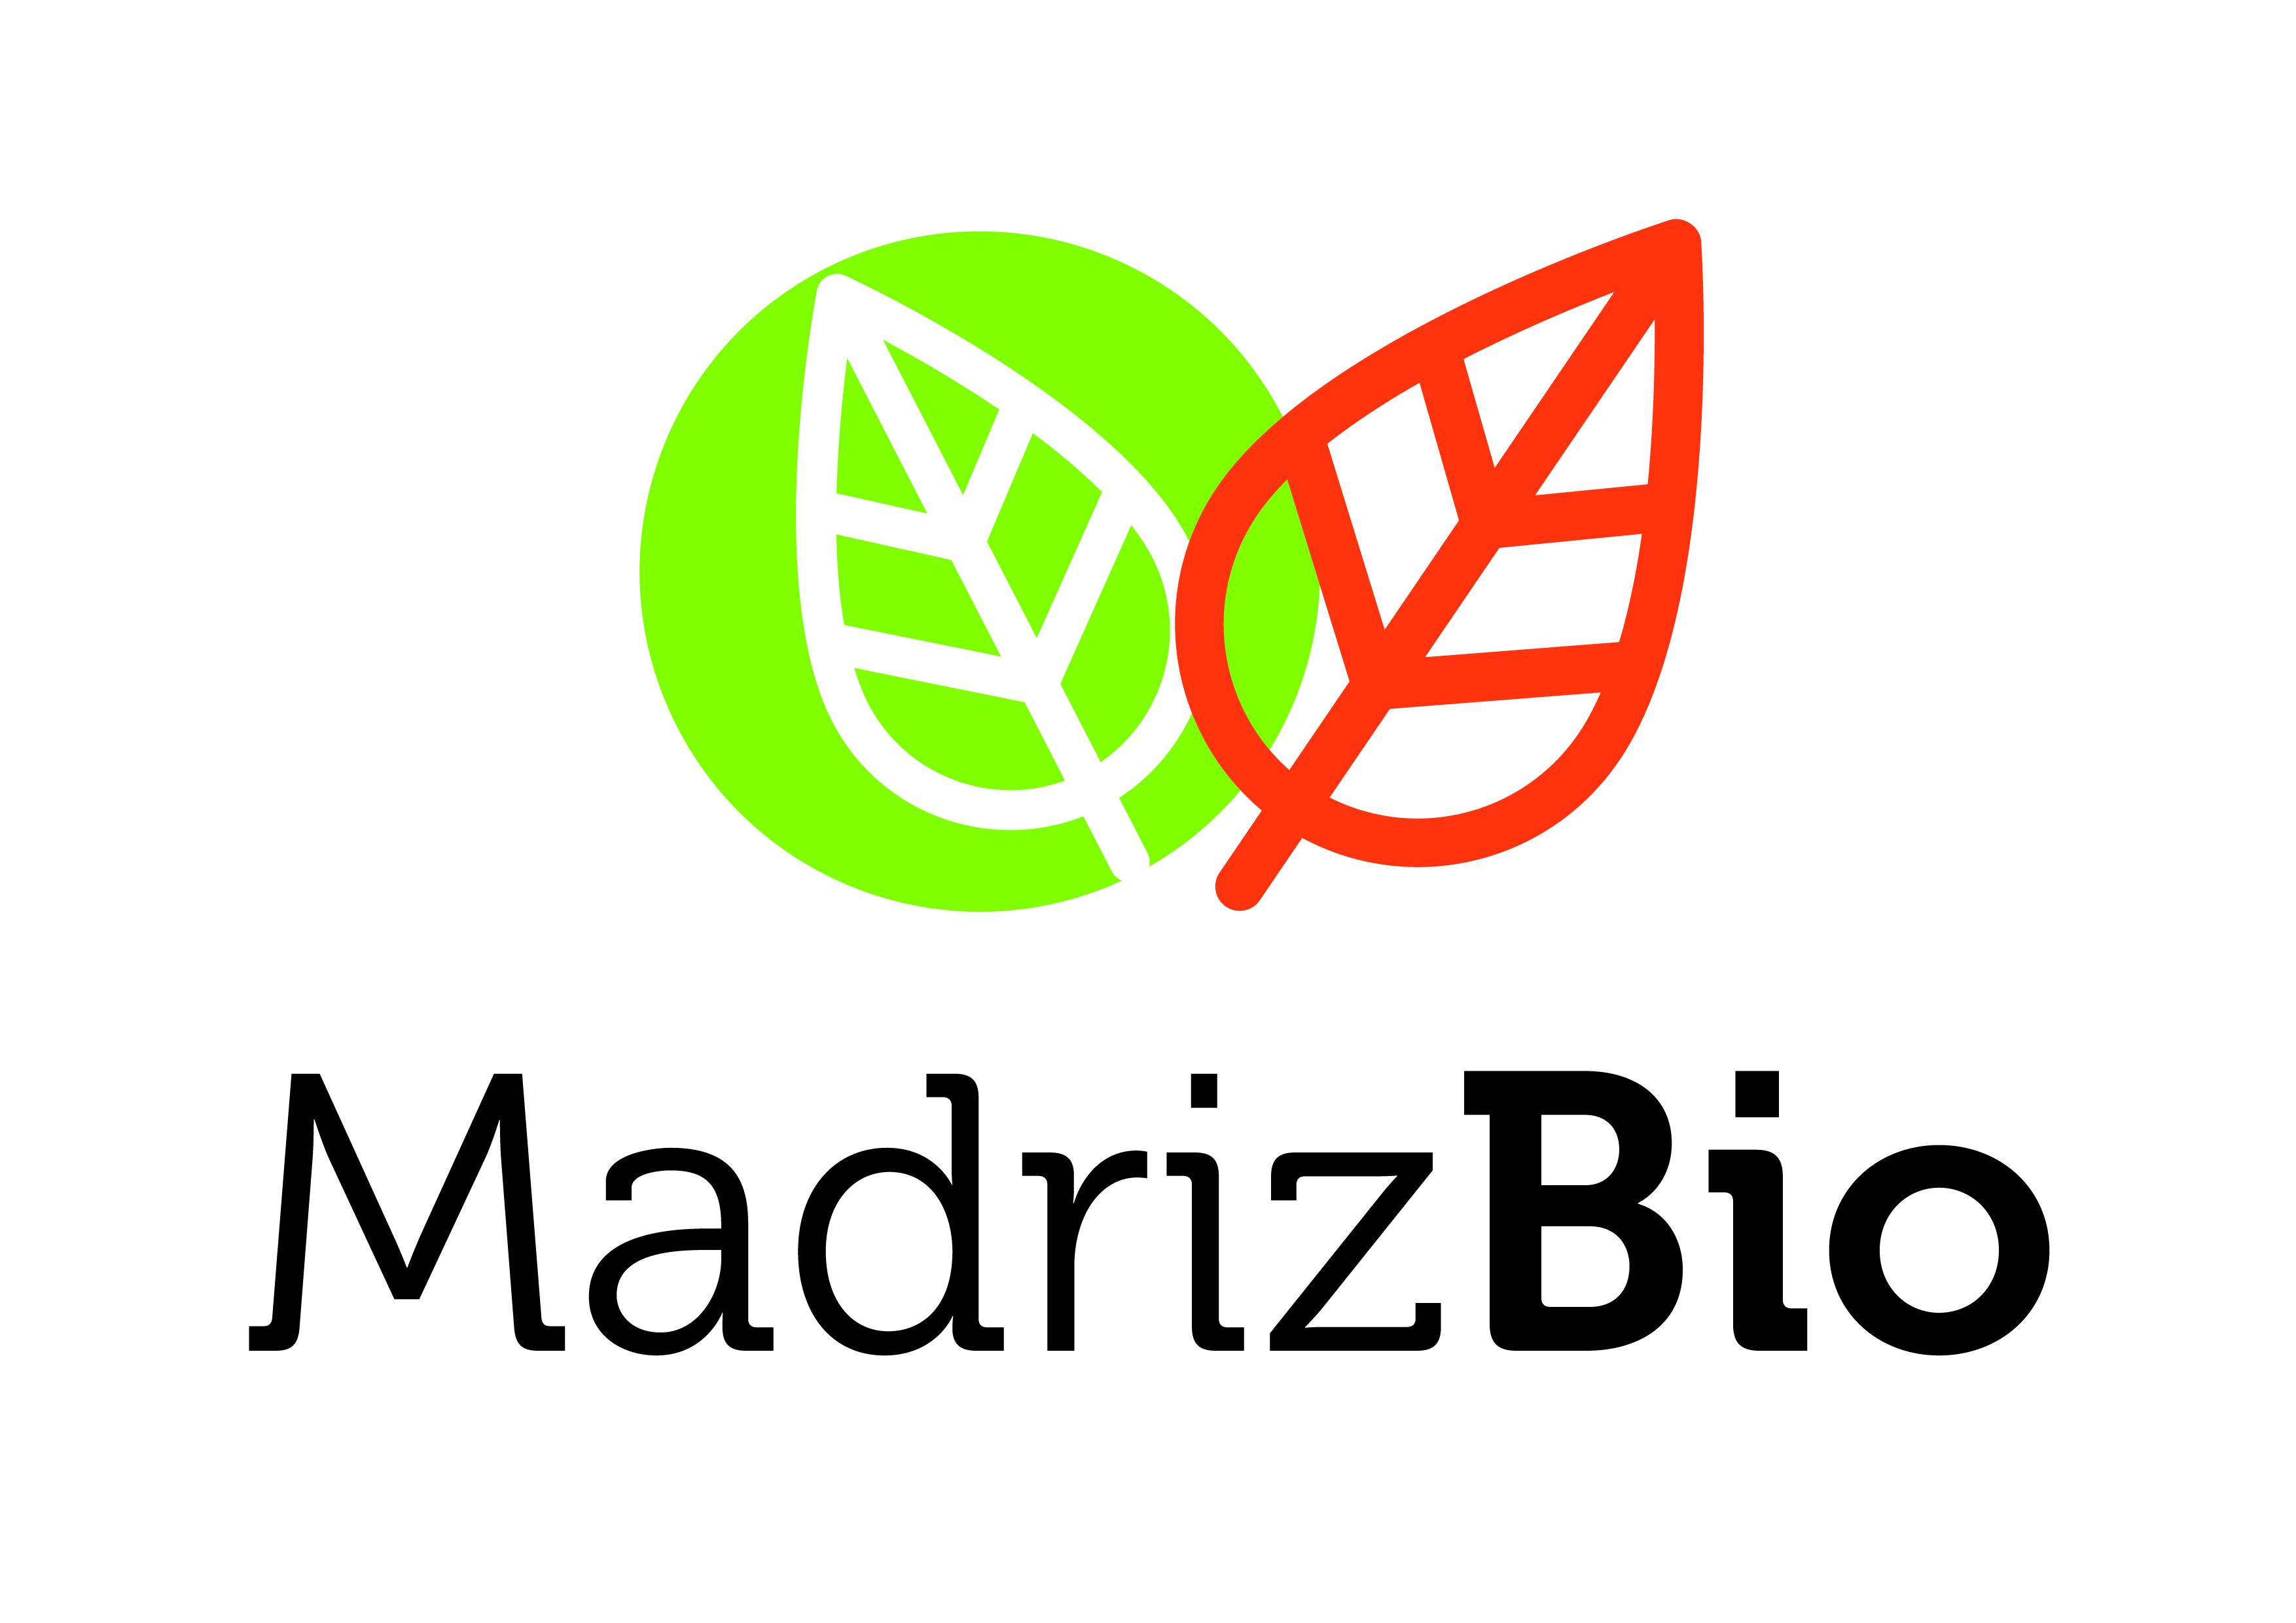 MadrizBio